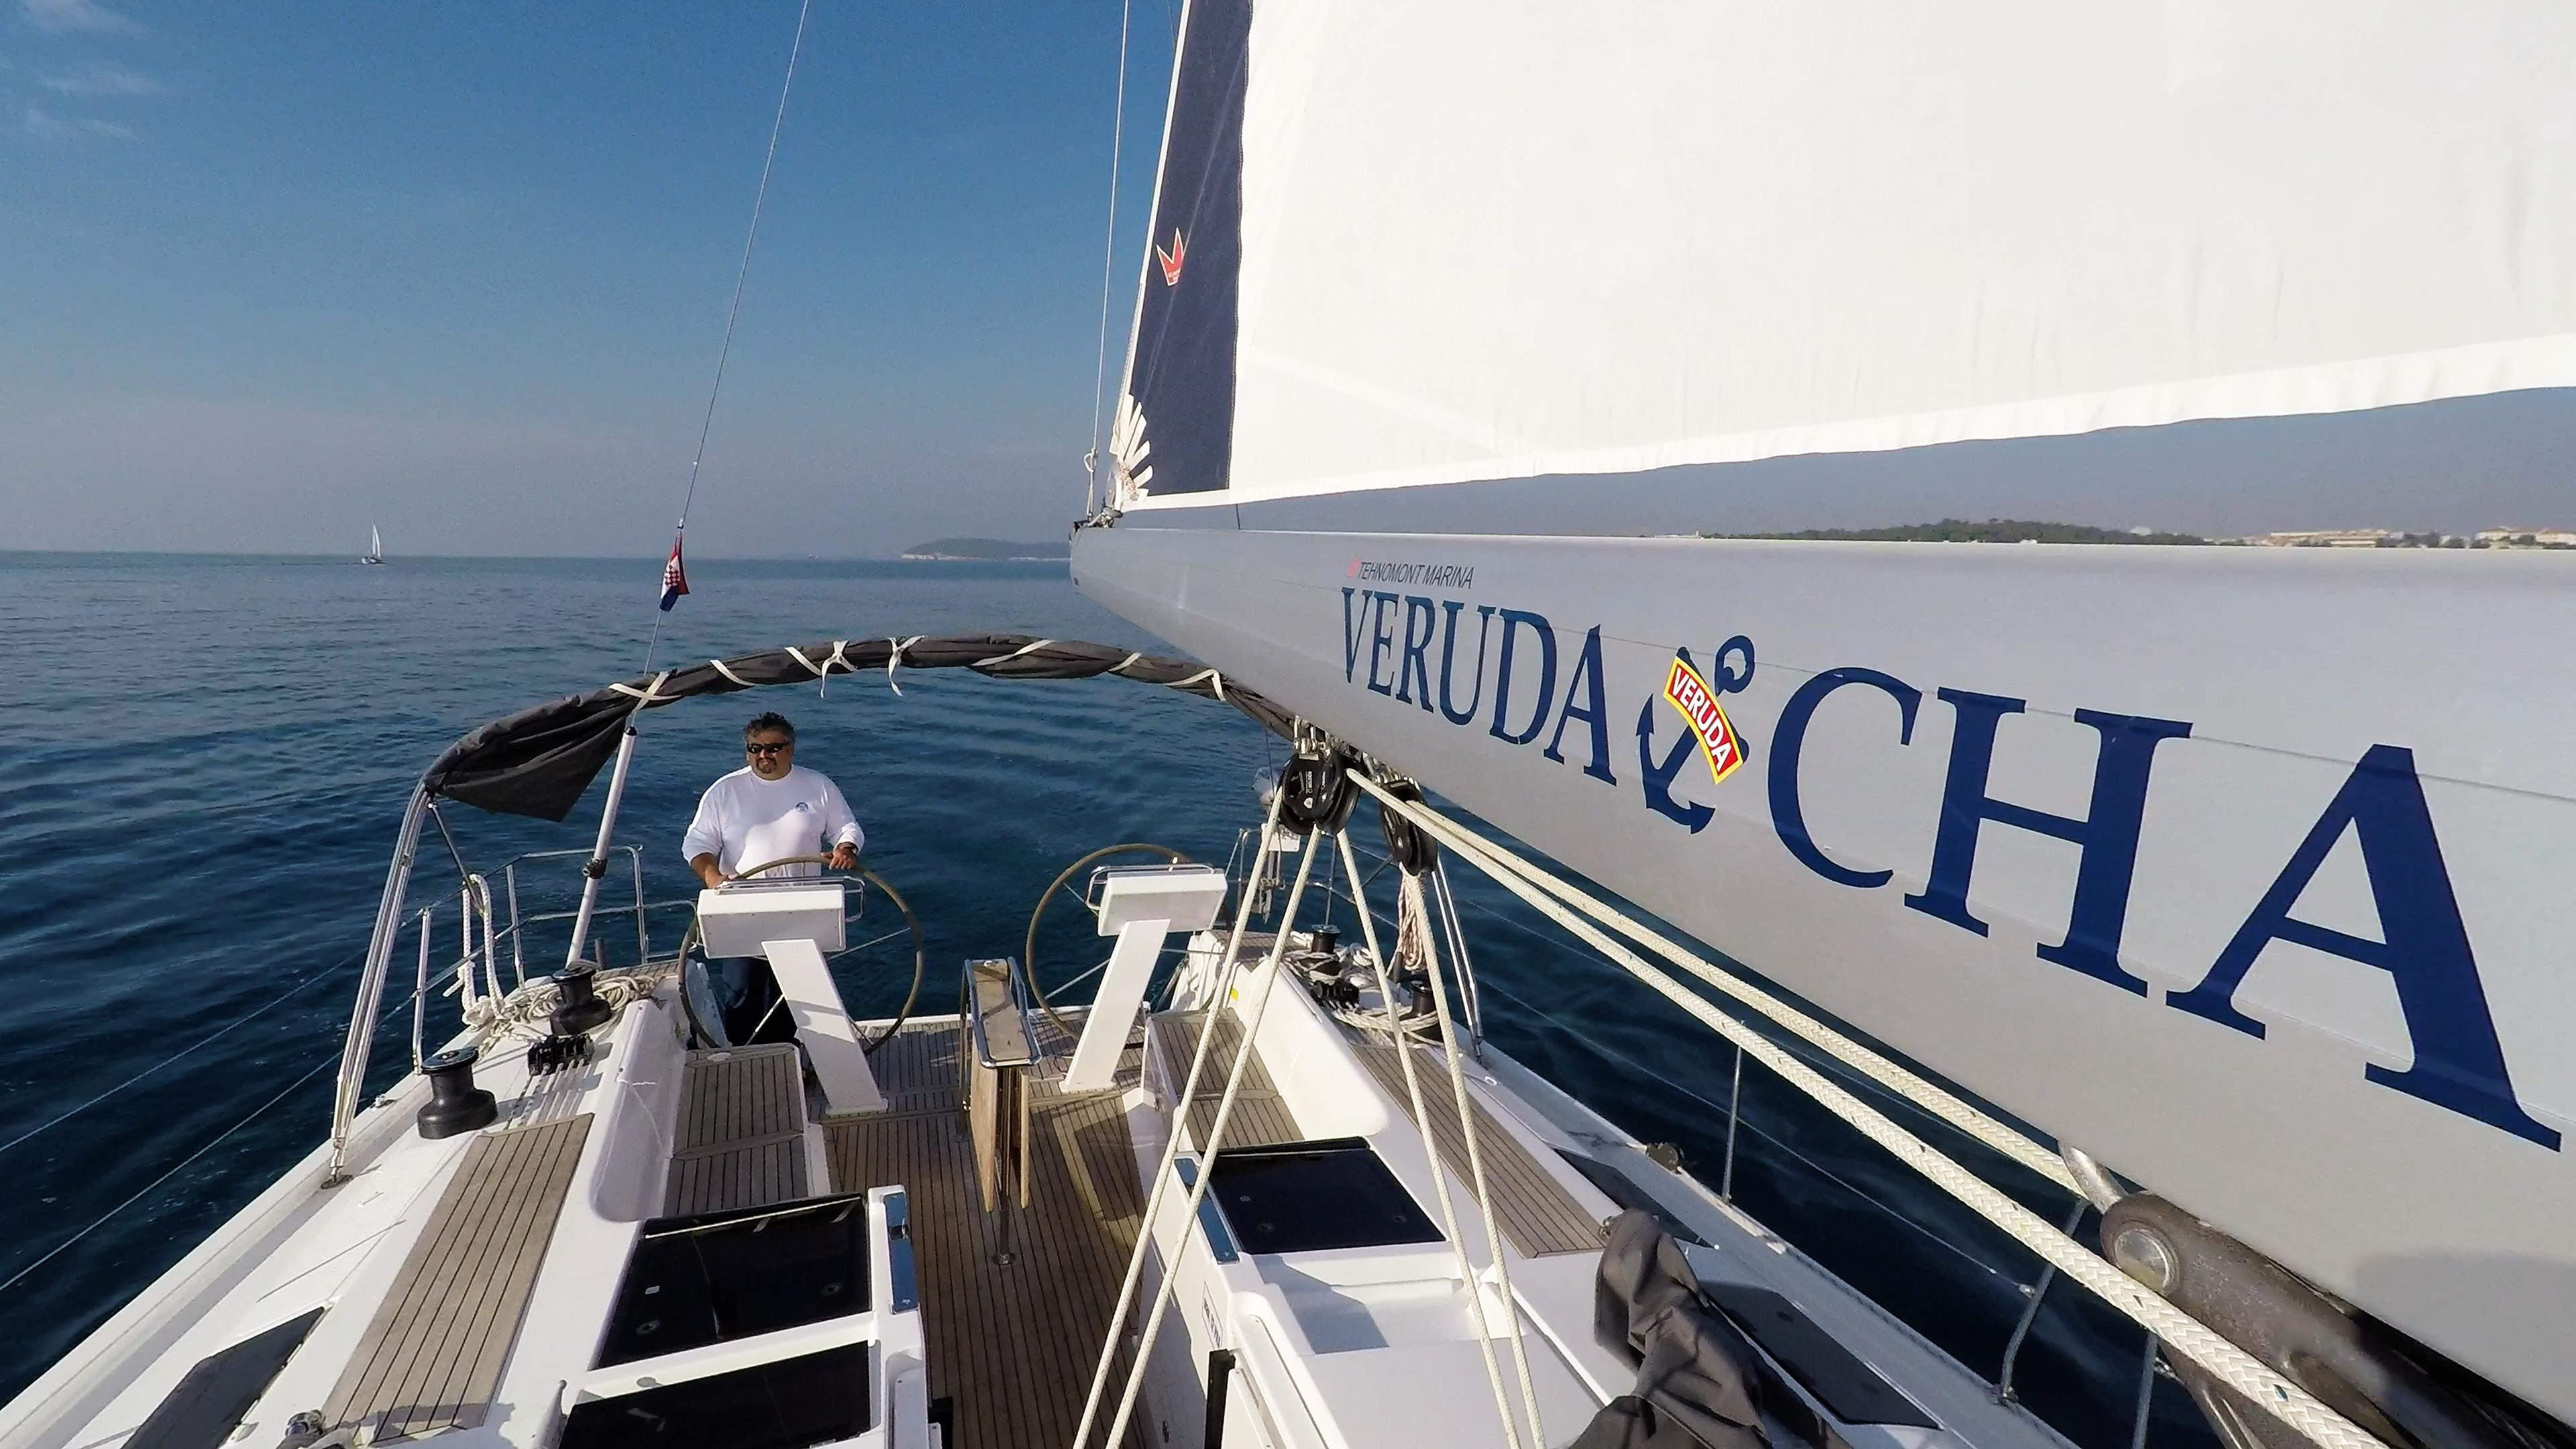 barcha a vela skipper yacht a vela boma veleggiare pozzetto teak timoni ruota